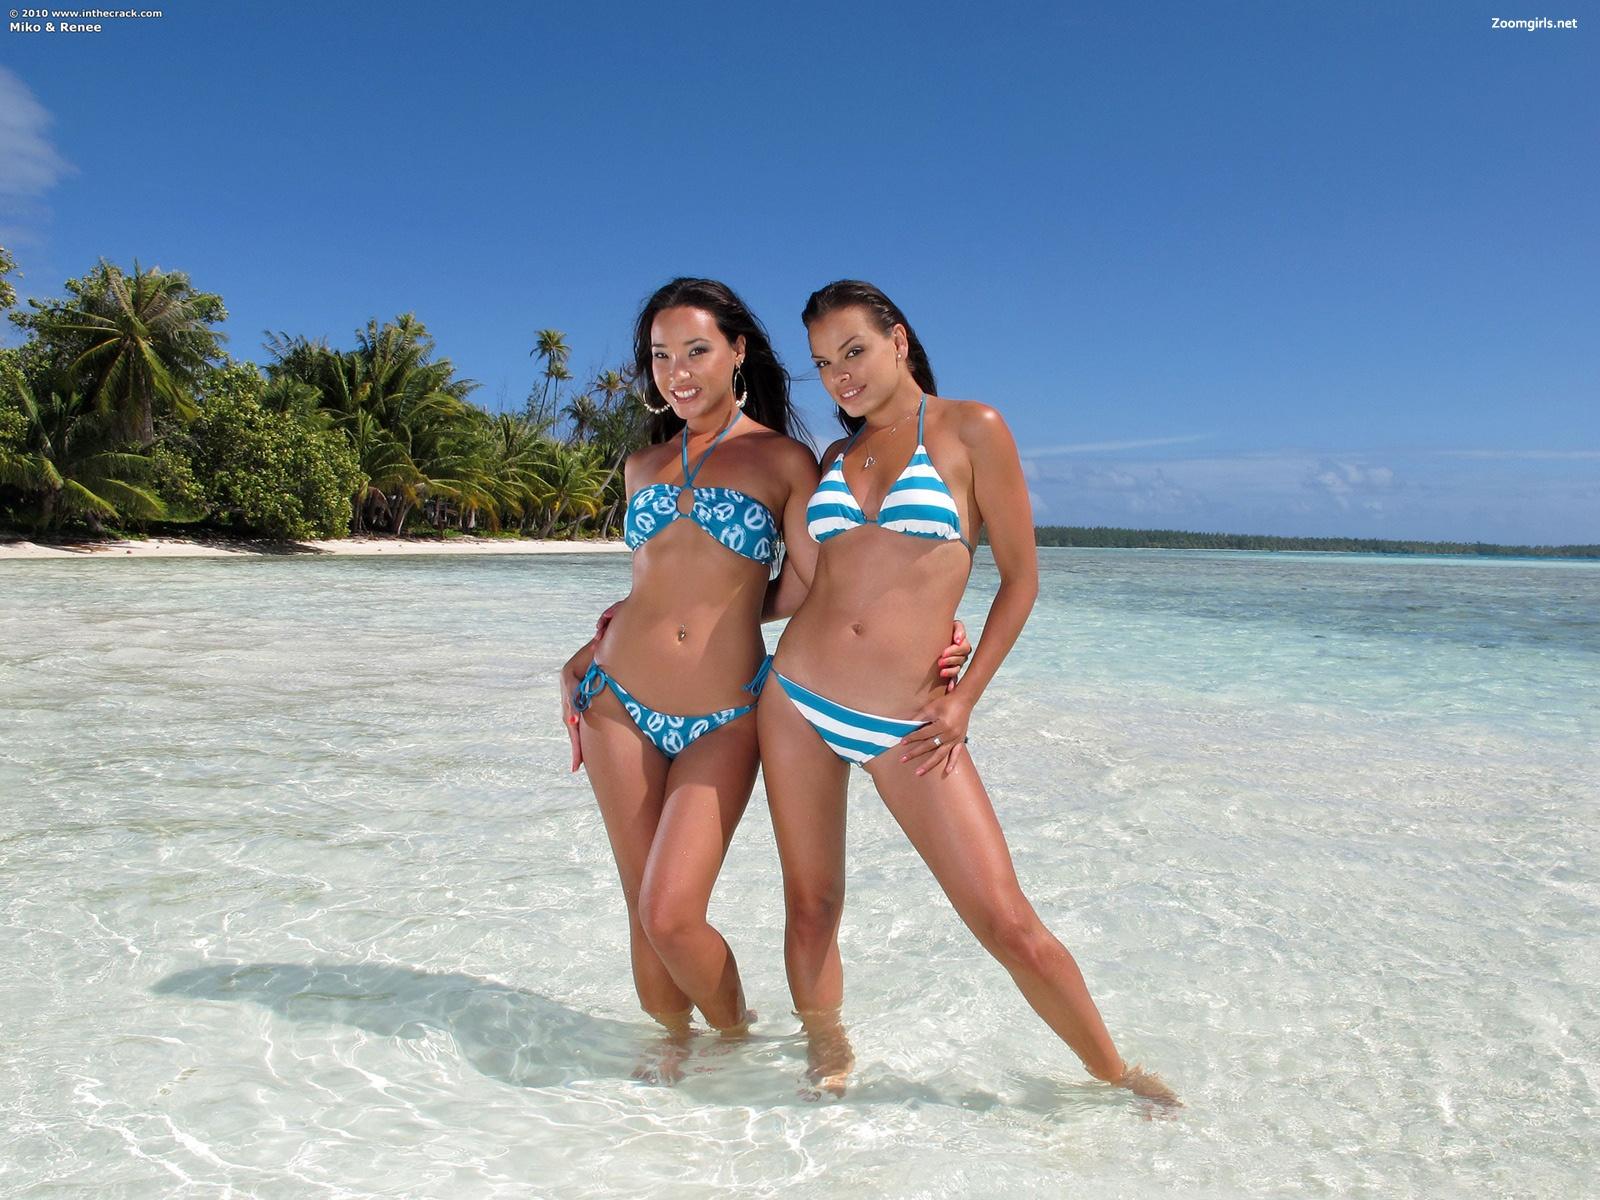 Секс на экзотических островах онлайн hd 7 фотография